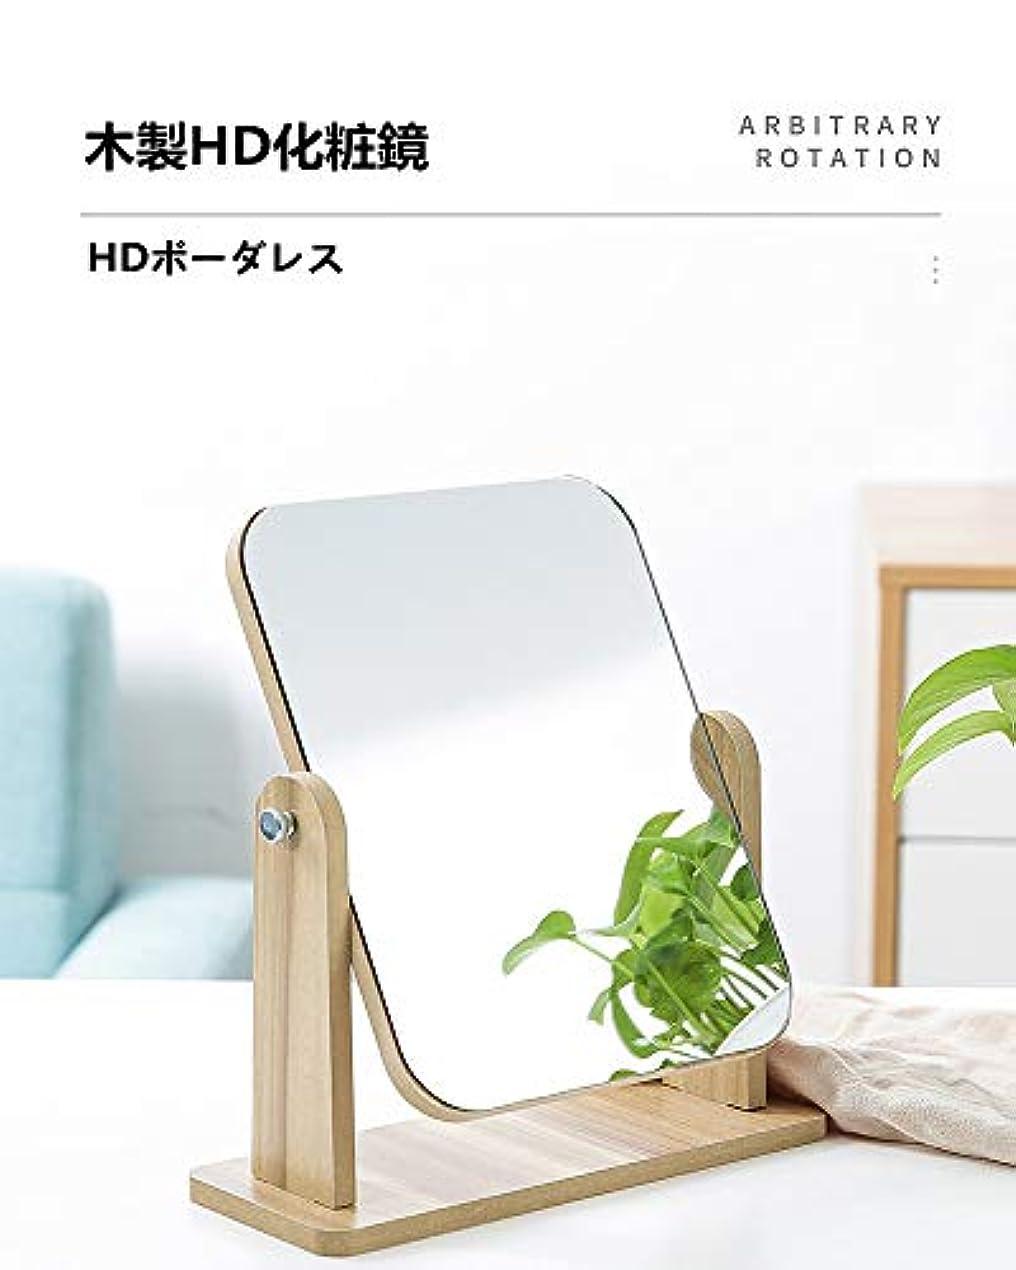 弱める申し込むシアー卓上 ミラー HDウッド化粧ミラー メイクミラー 360度回転 スタンドミラー 化粧鏡 木